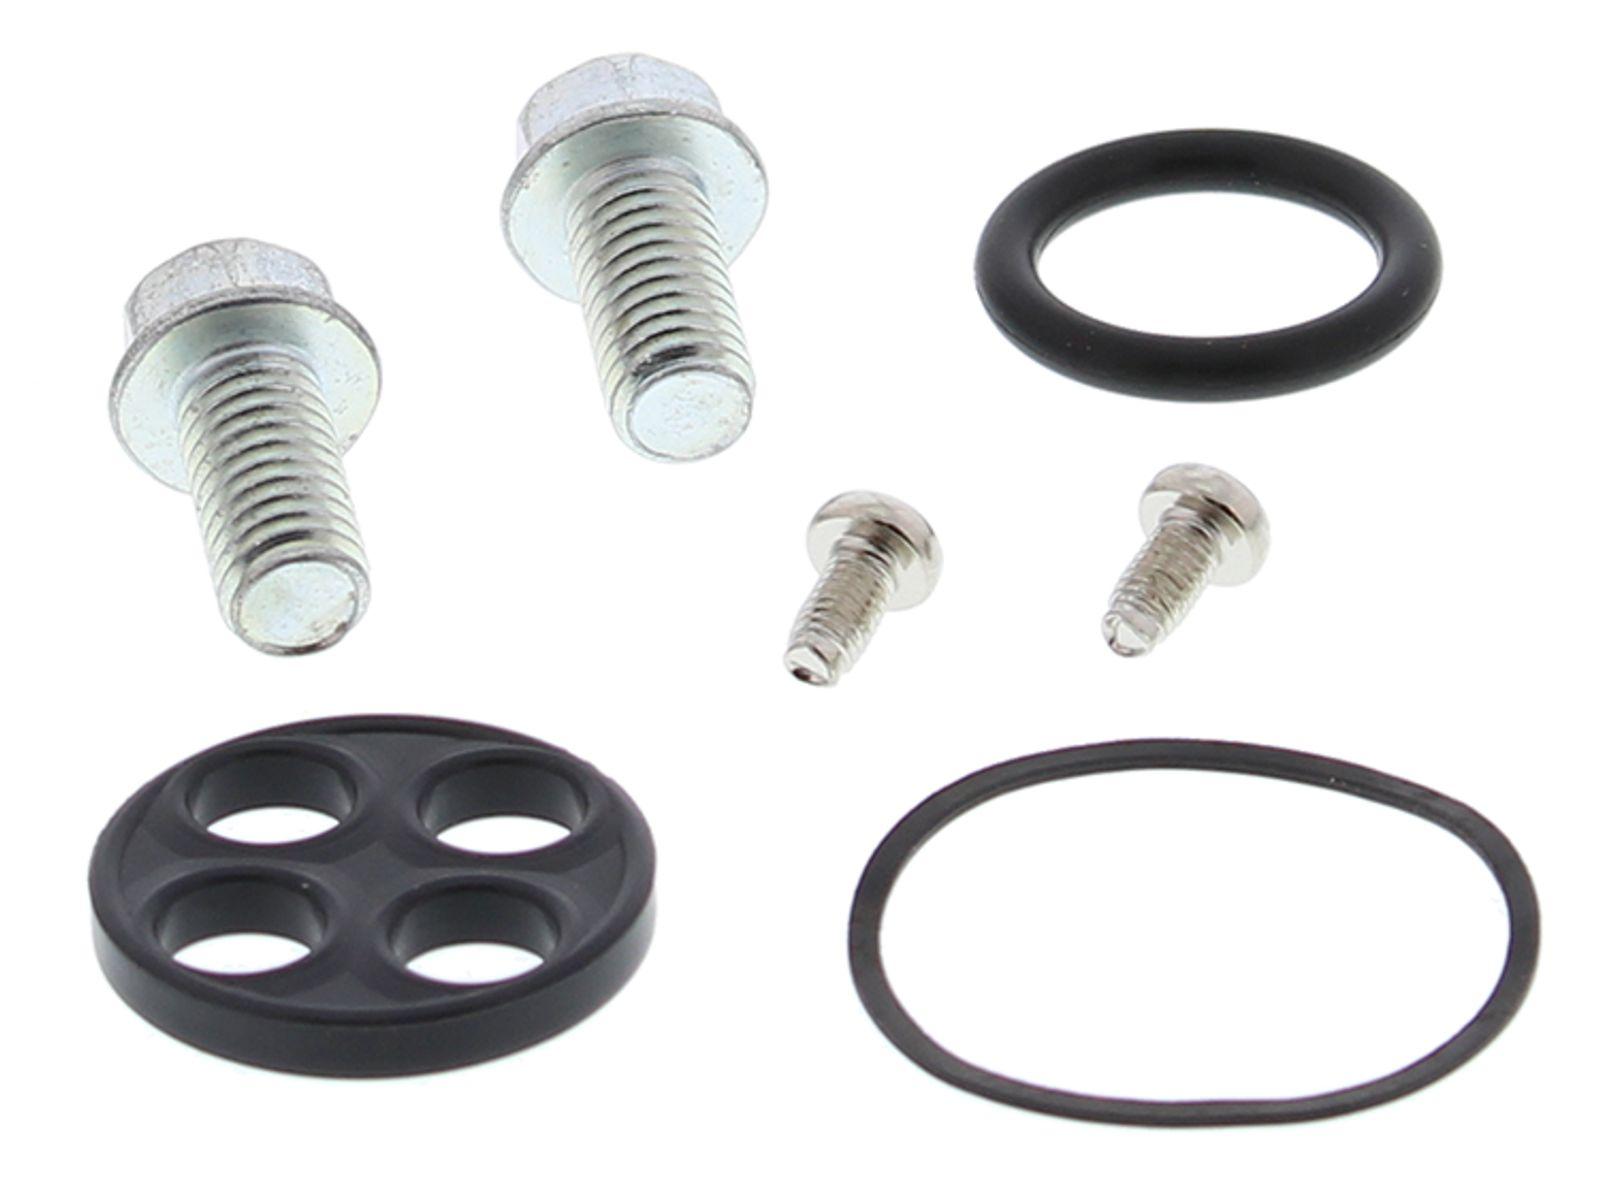 Wrp Fuel Tap Repair Kits - WRP601023 image